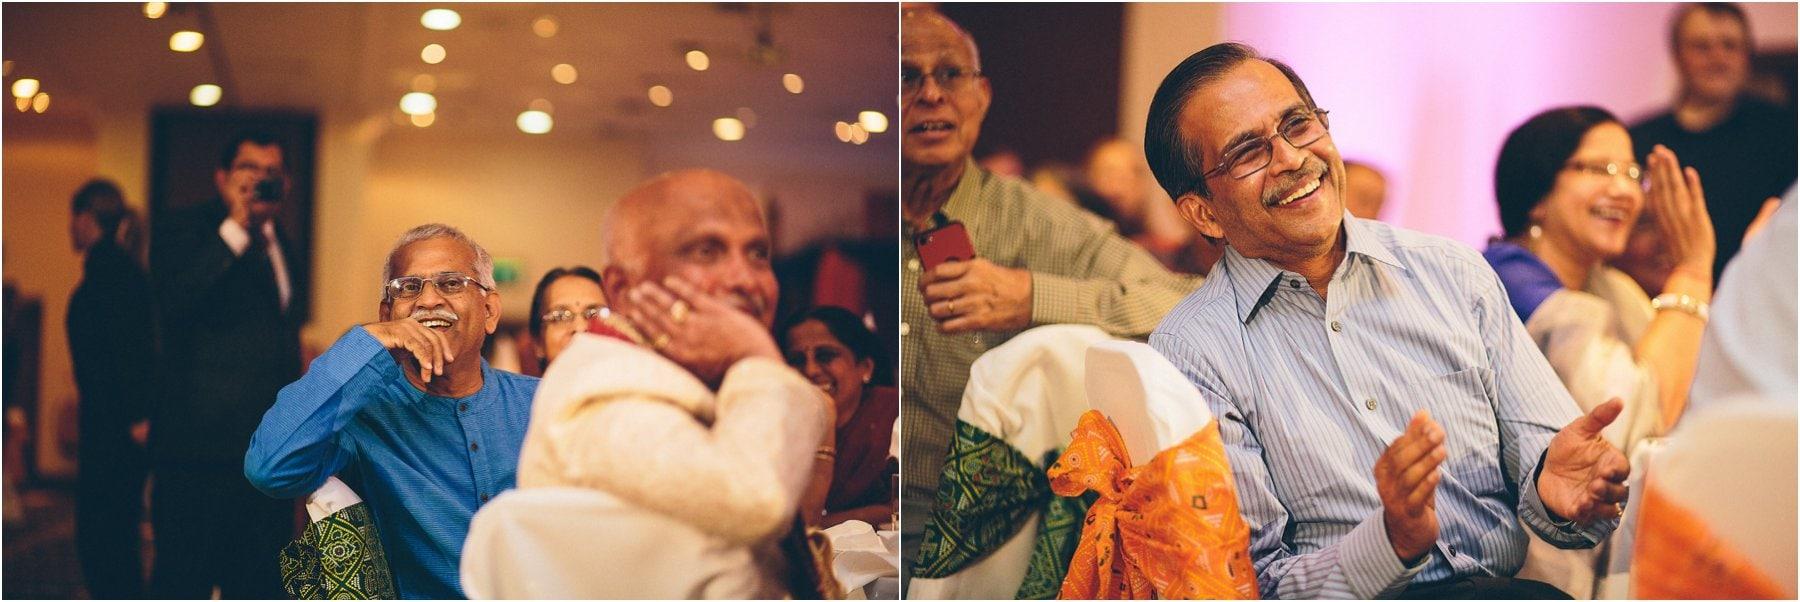 Lancashire_Indian_Wedding_Photography_0018